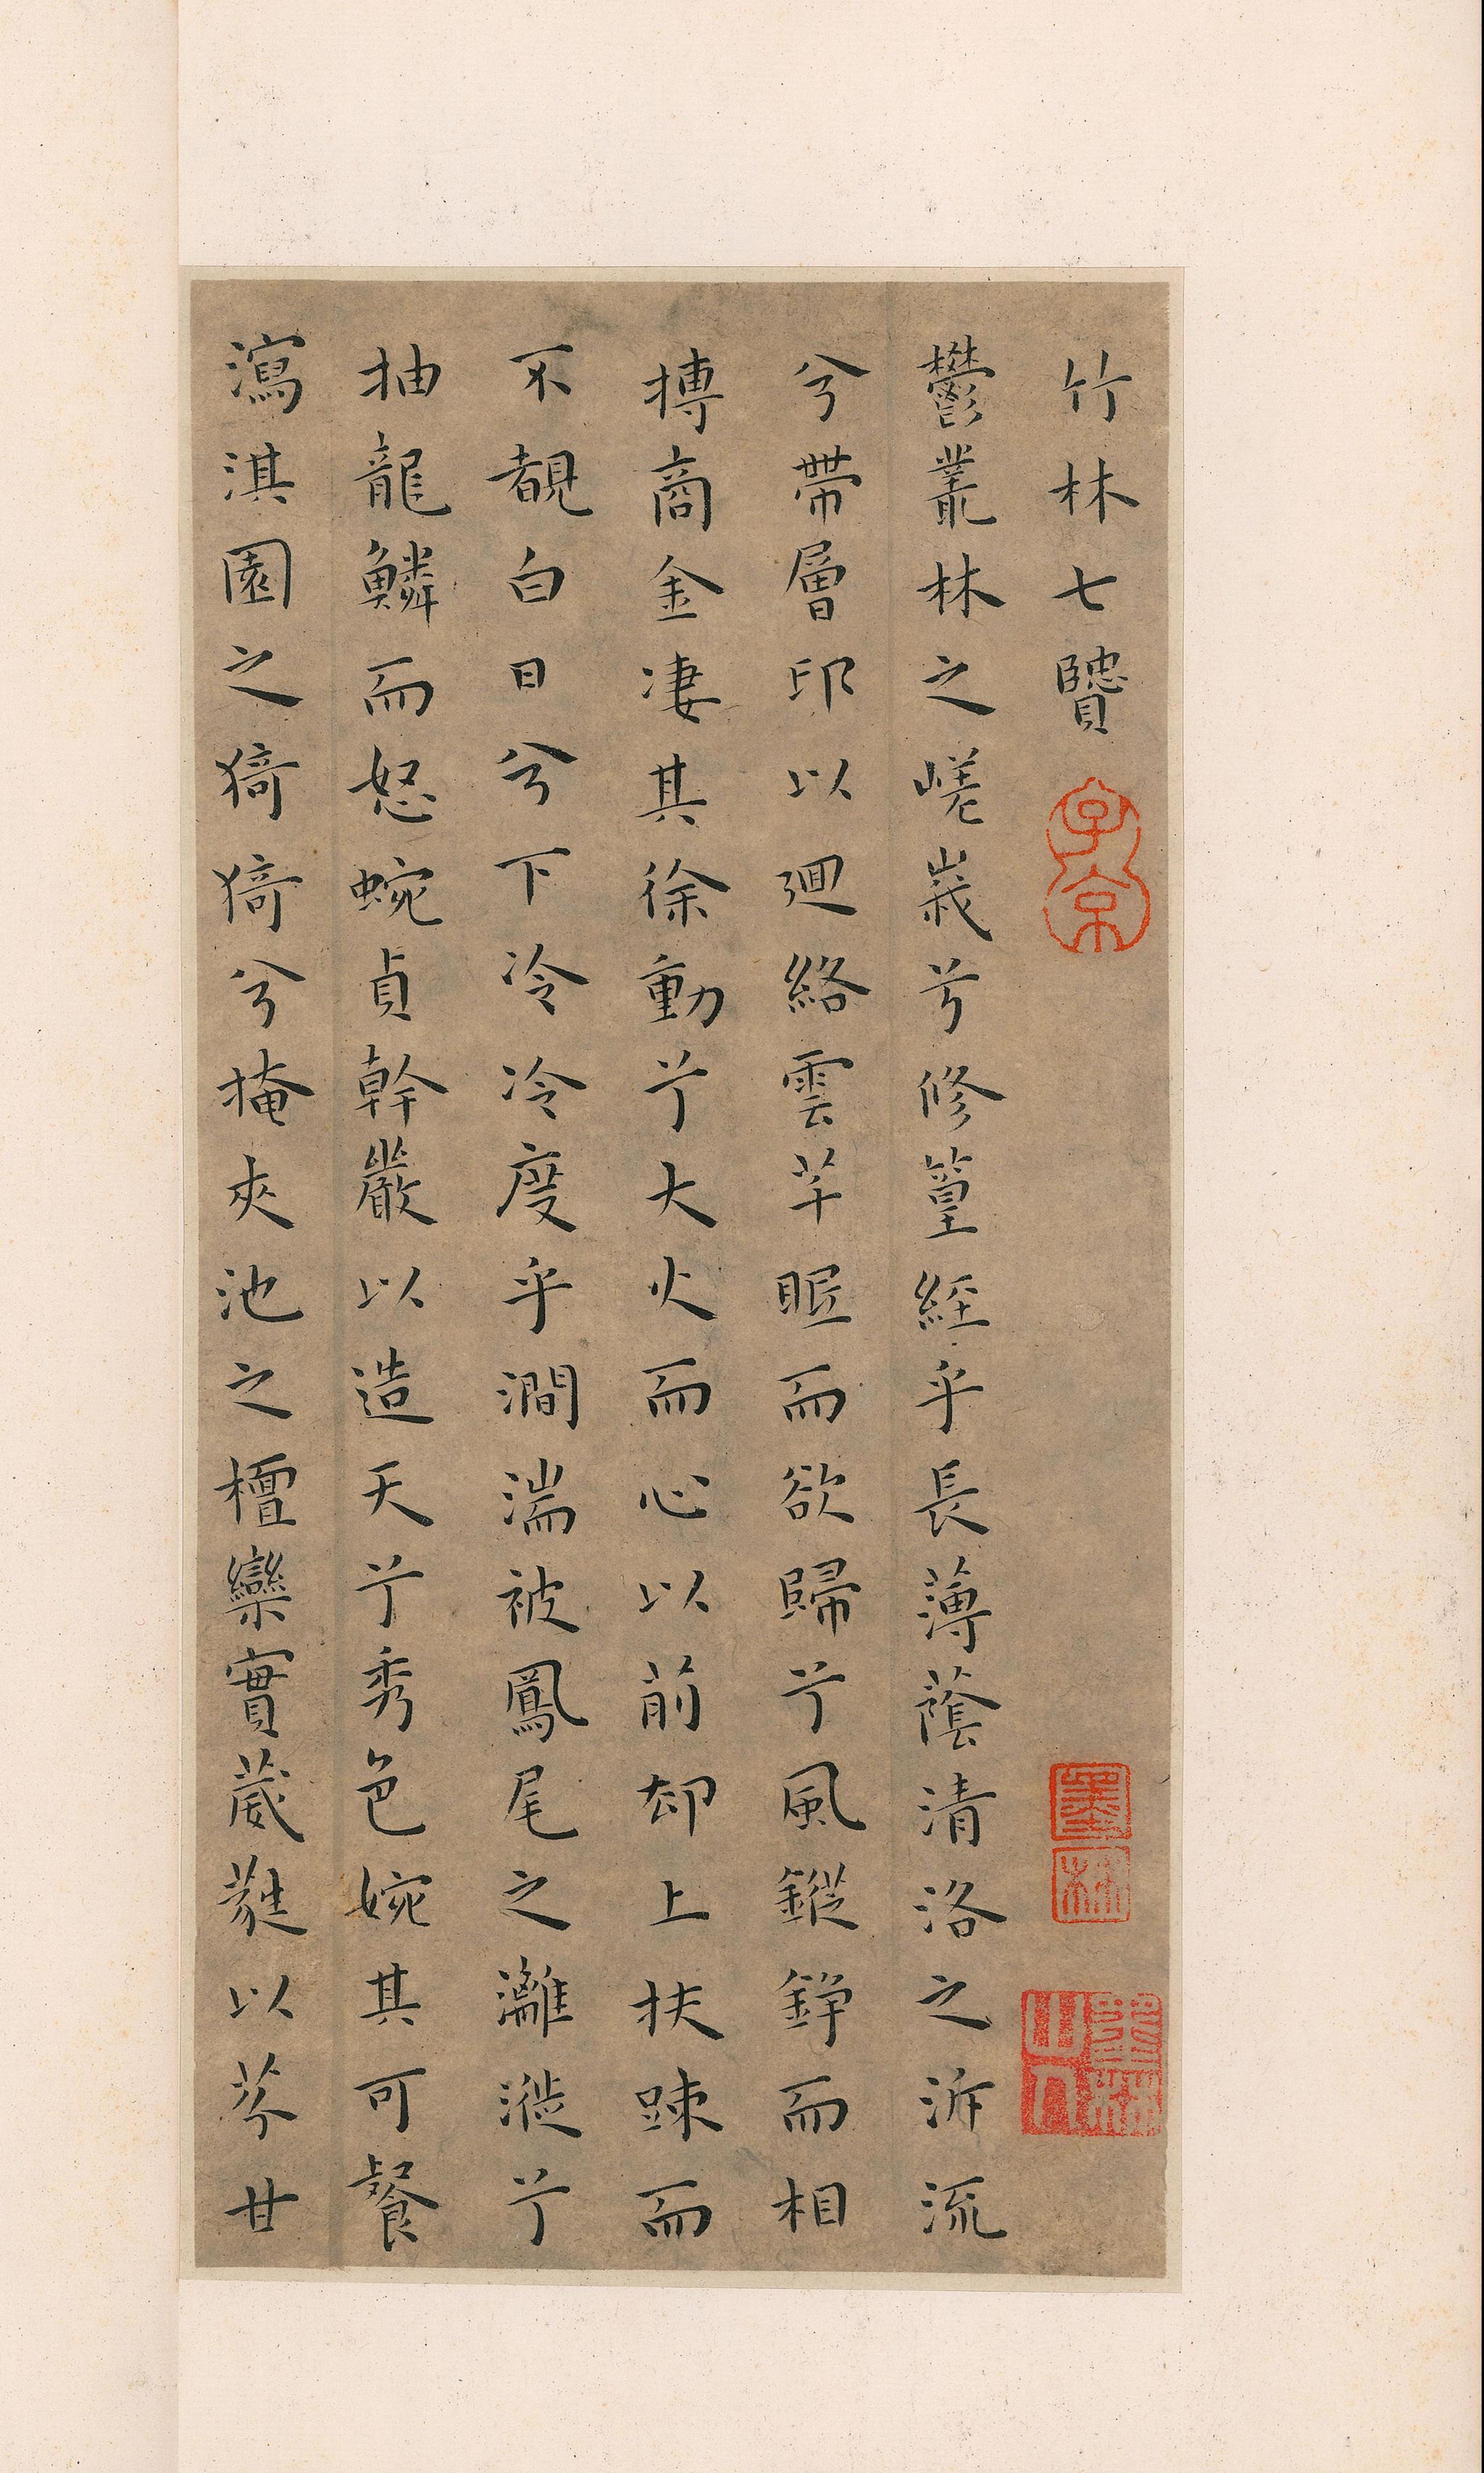 竹林七贤丨王宠